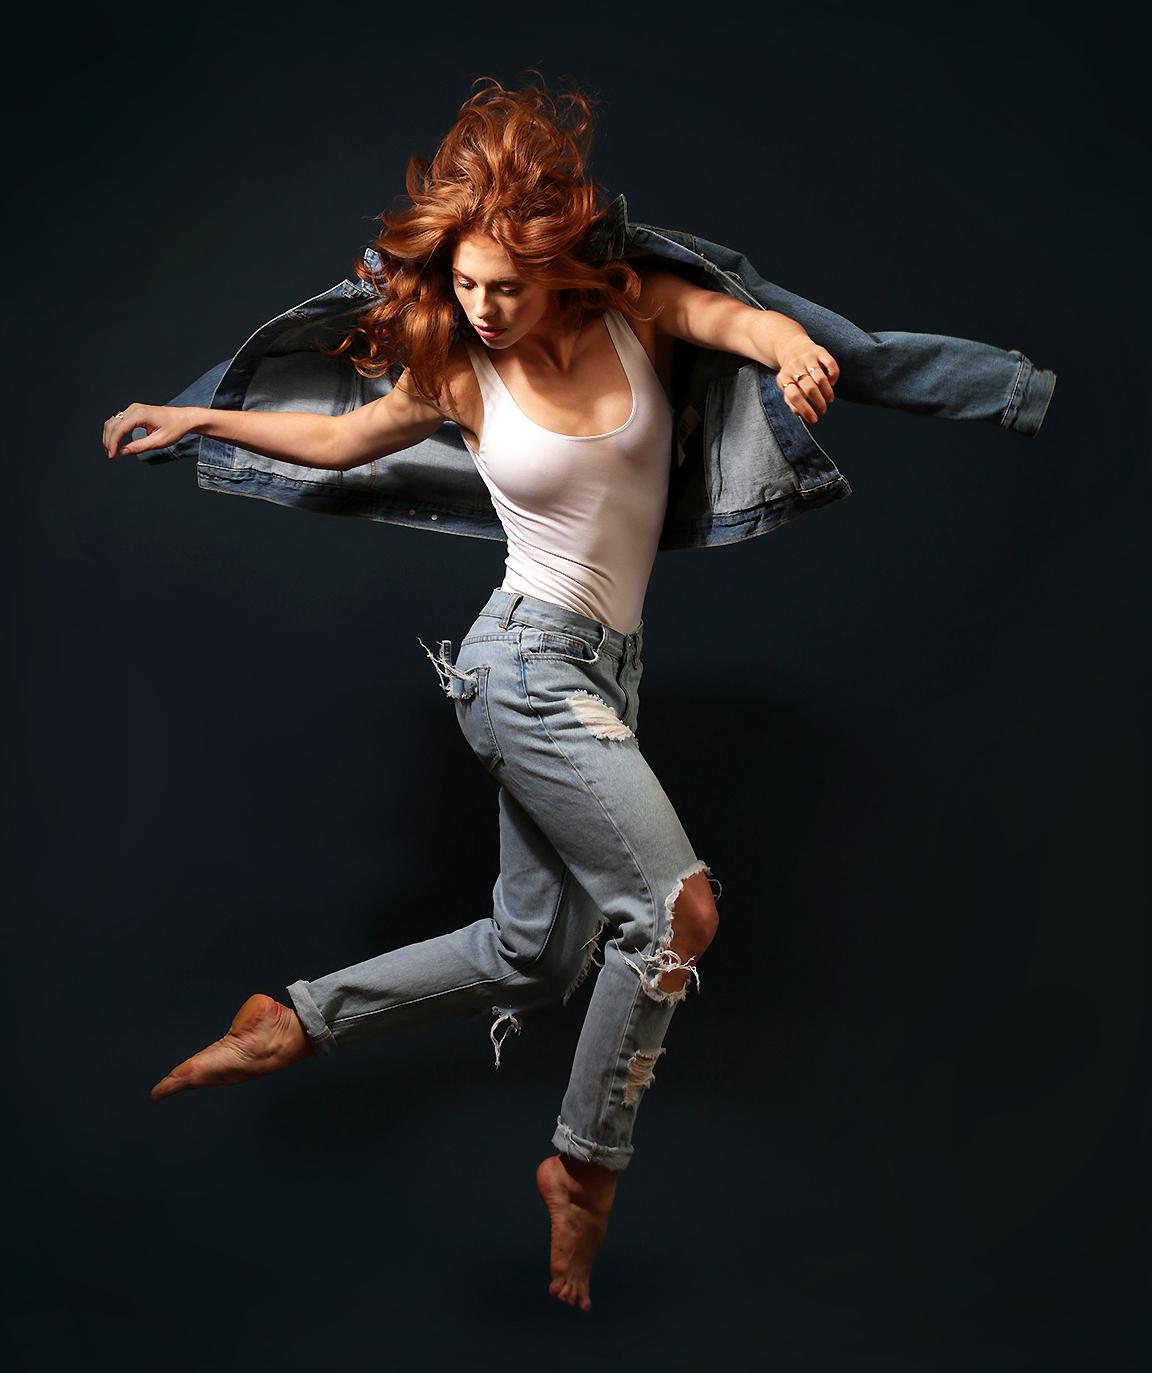 Jordan Clark - Marketing Photo 2.jpg